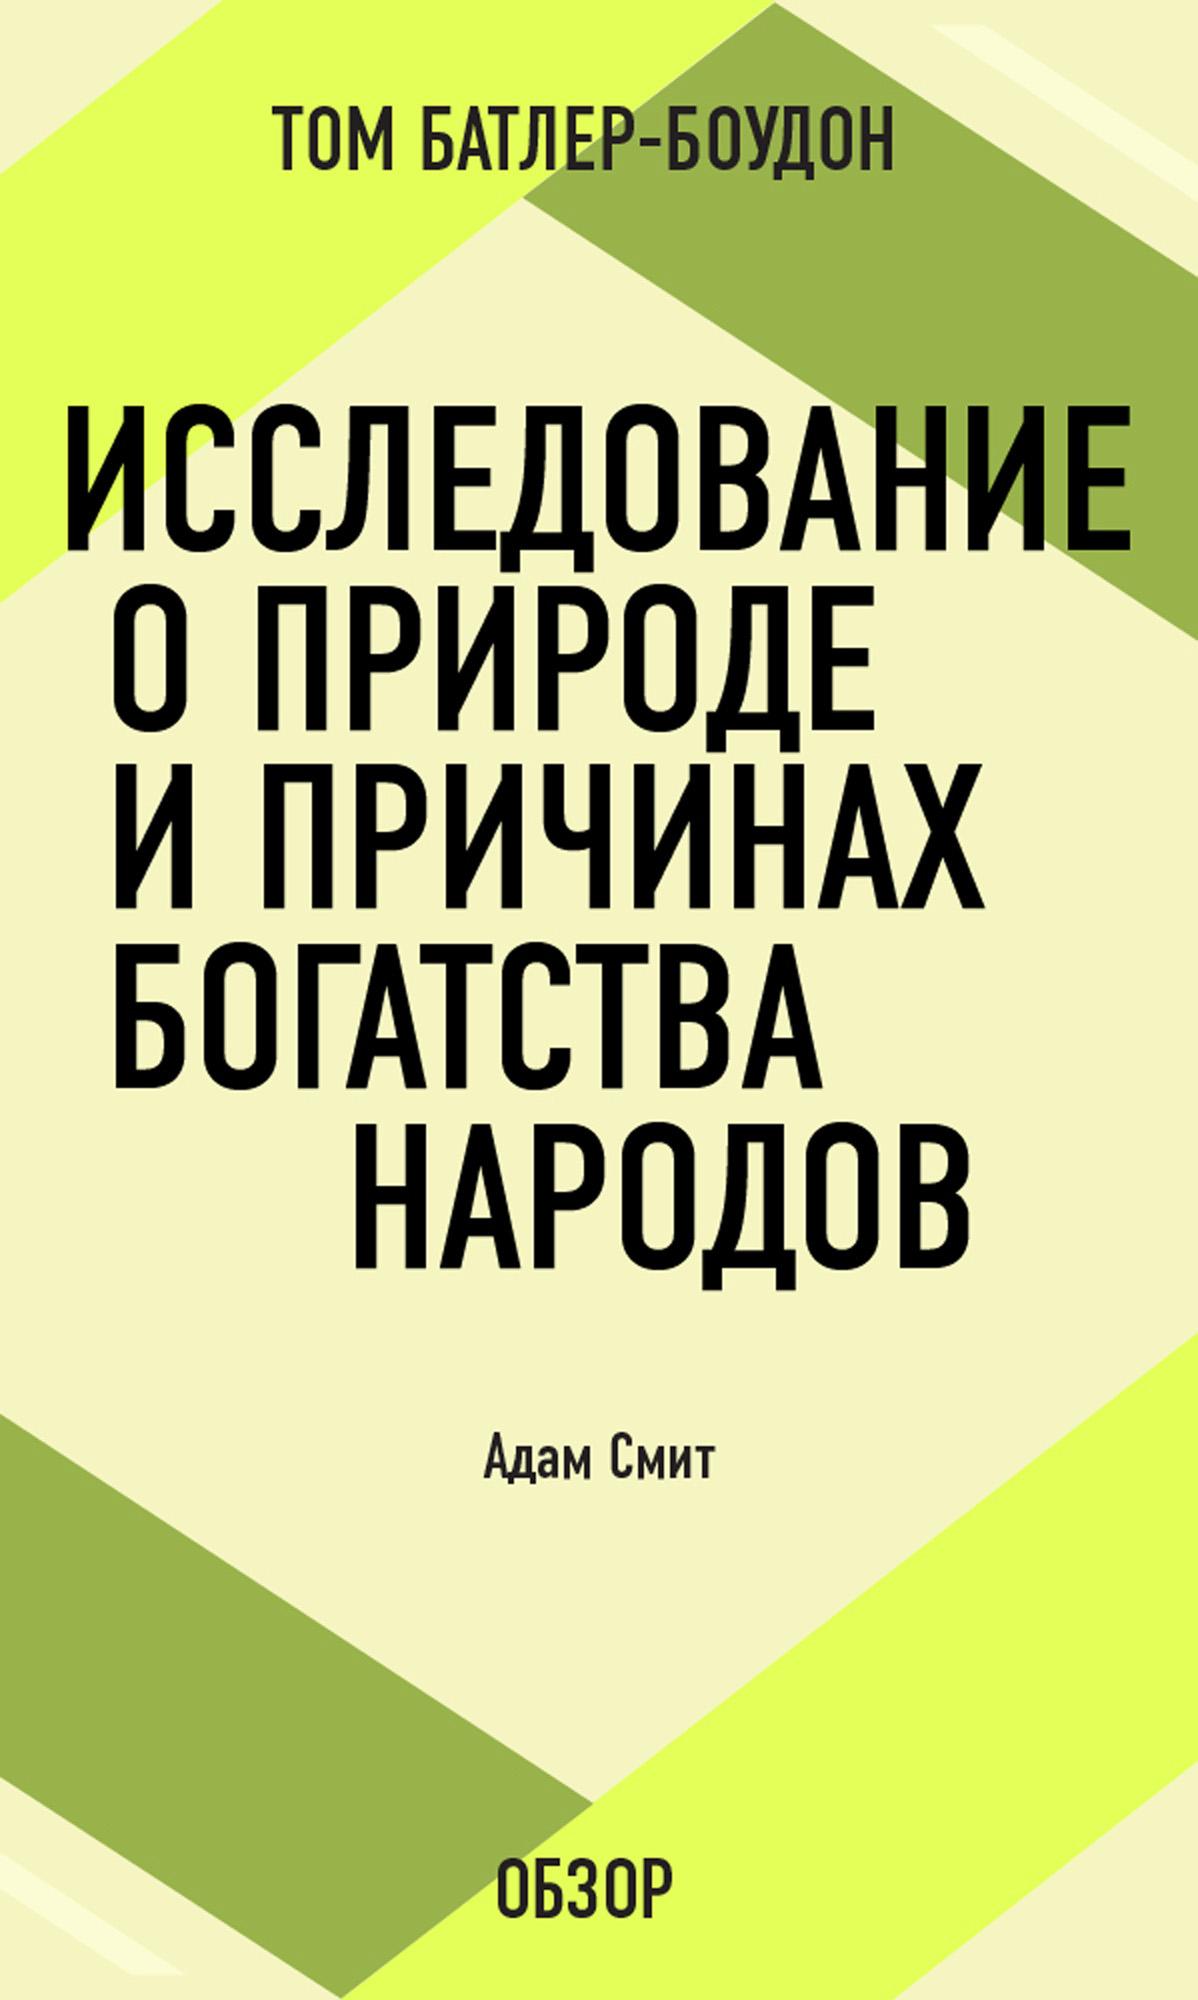 Том Батлер-Боудон Исследование о природе и причинах богатства народов. Адам Смит (обзор) адам смит о природе капитала